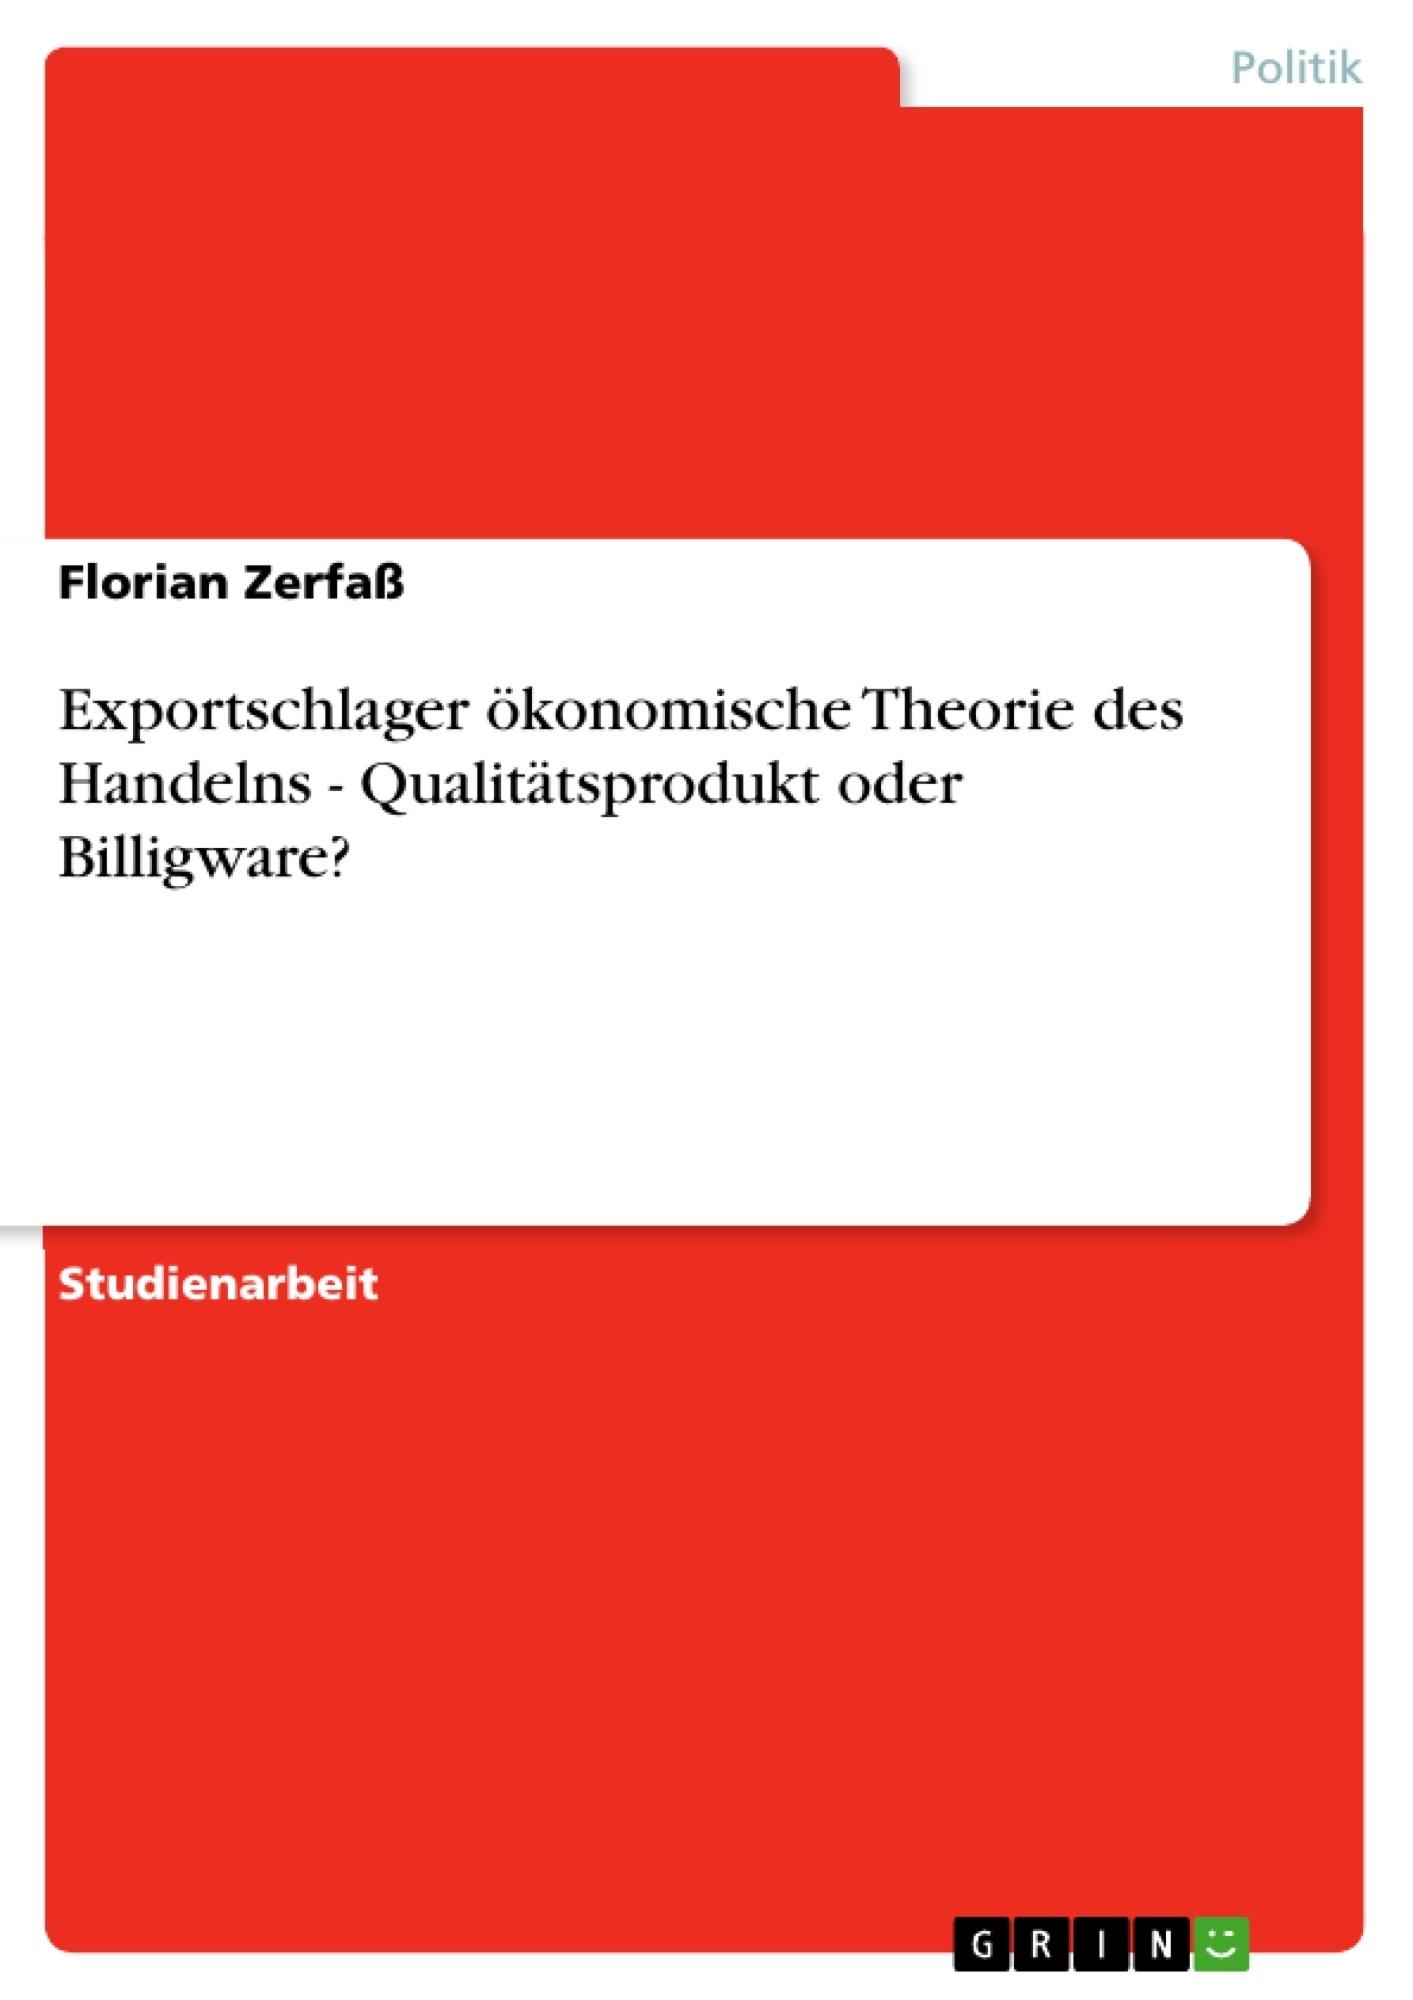 Titel: Exportschlager ökonomische Theorie des Handelns - Qualitätsprodukt oder Billigware?